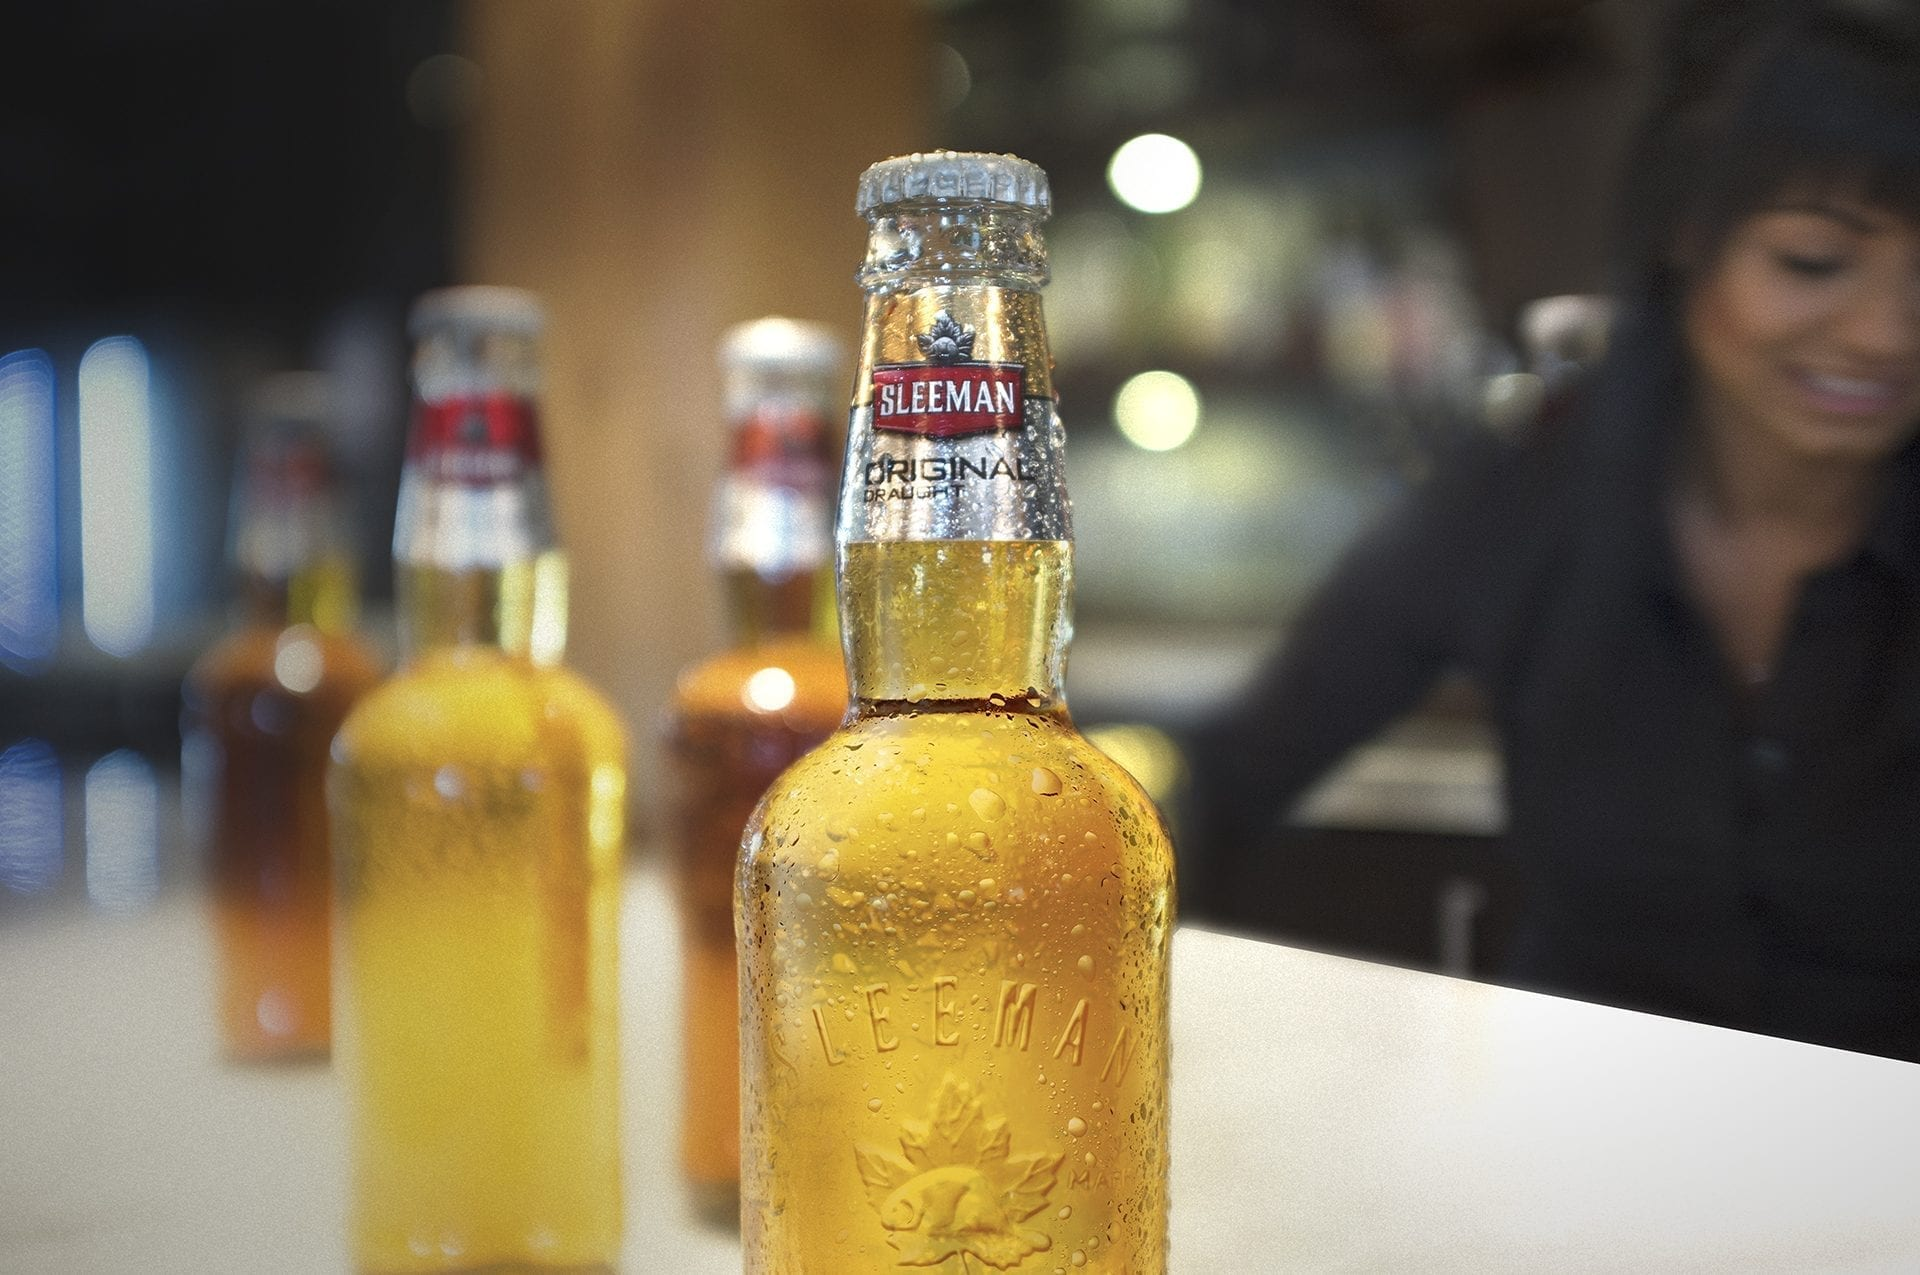 Sleeman beer bottle design concept